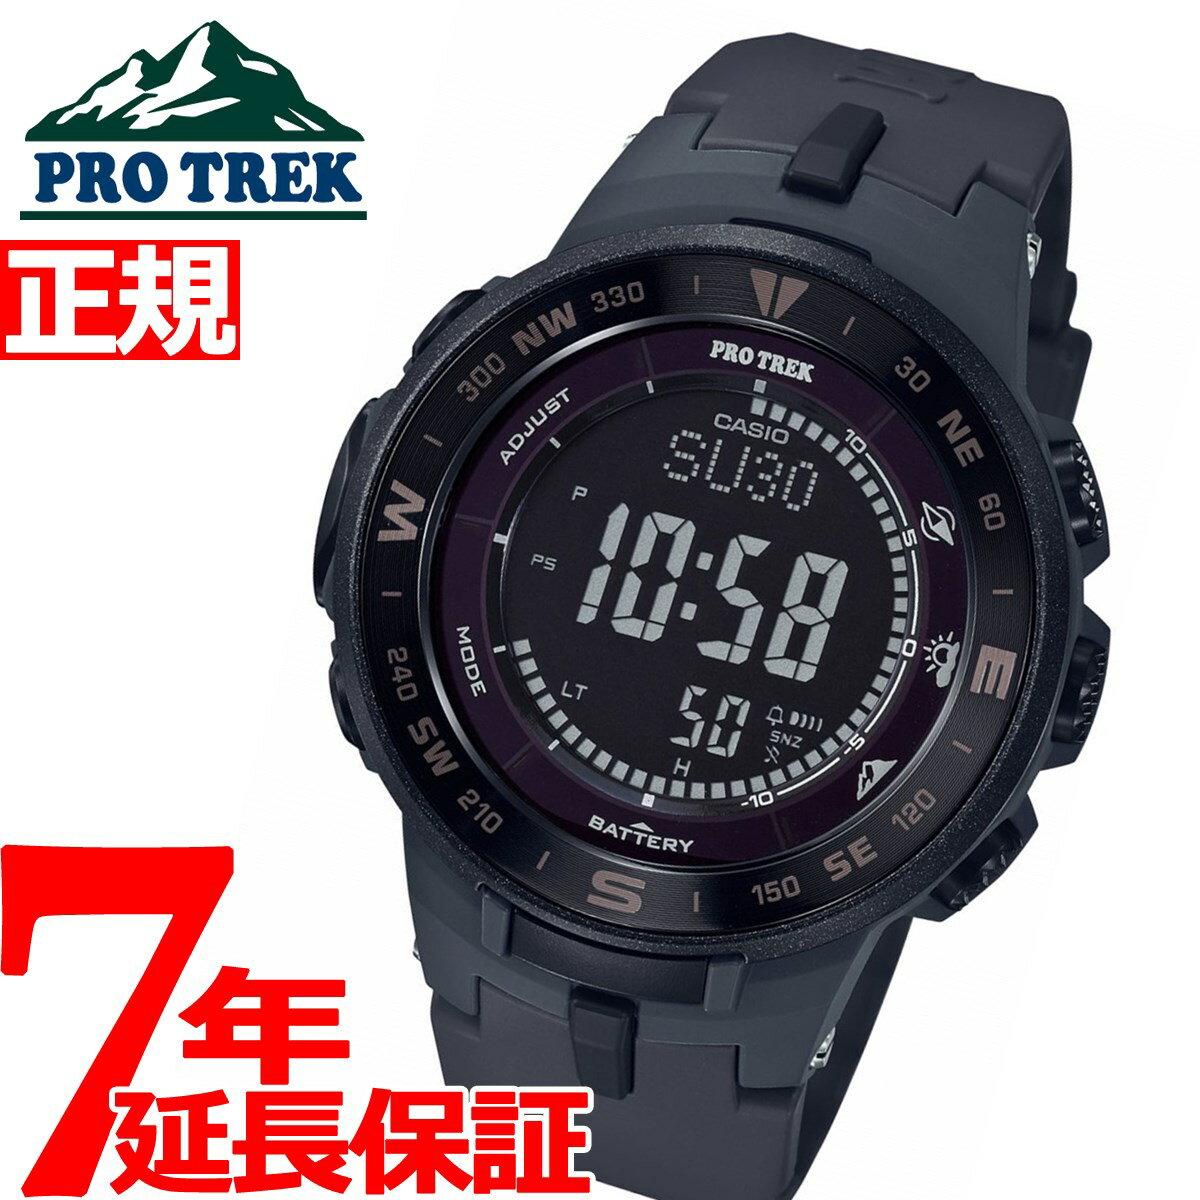 ポイント最大36倍!10日23時59分まで!カシオ プロトレック CASIO PRO TREK ソーラー 腕時計 メンズ タフソーラー PRG-330-1AJF【2018 新作】